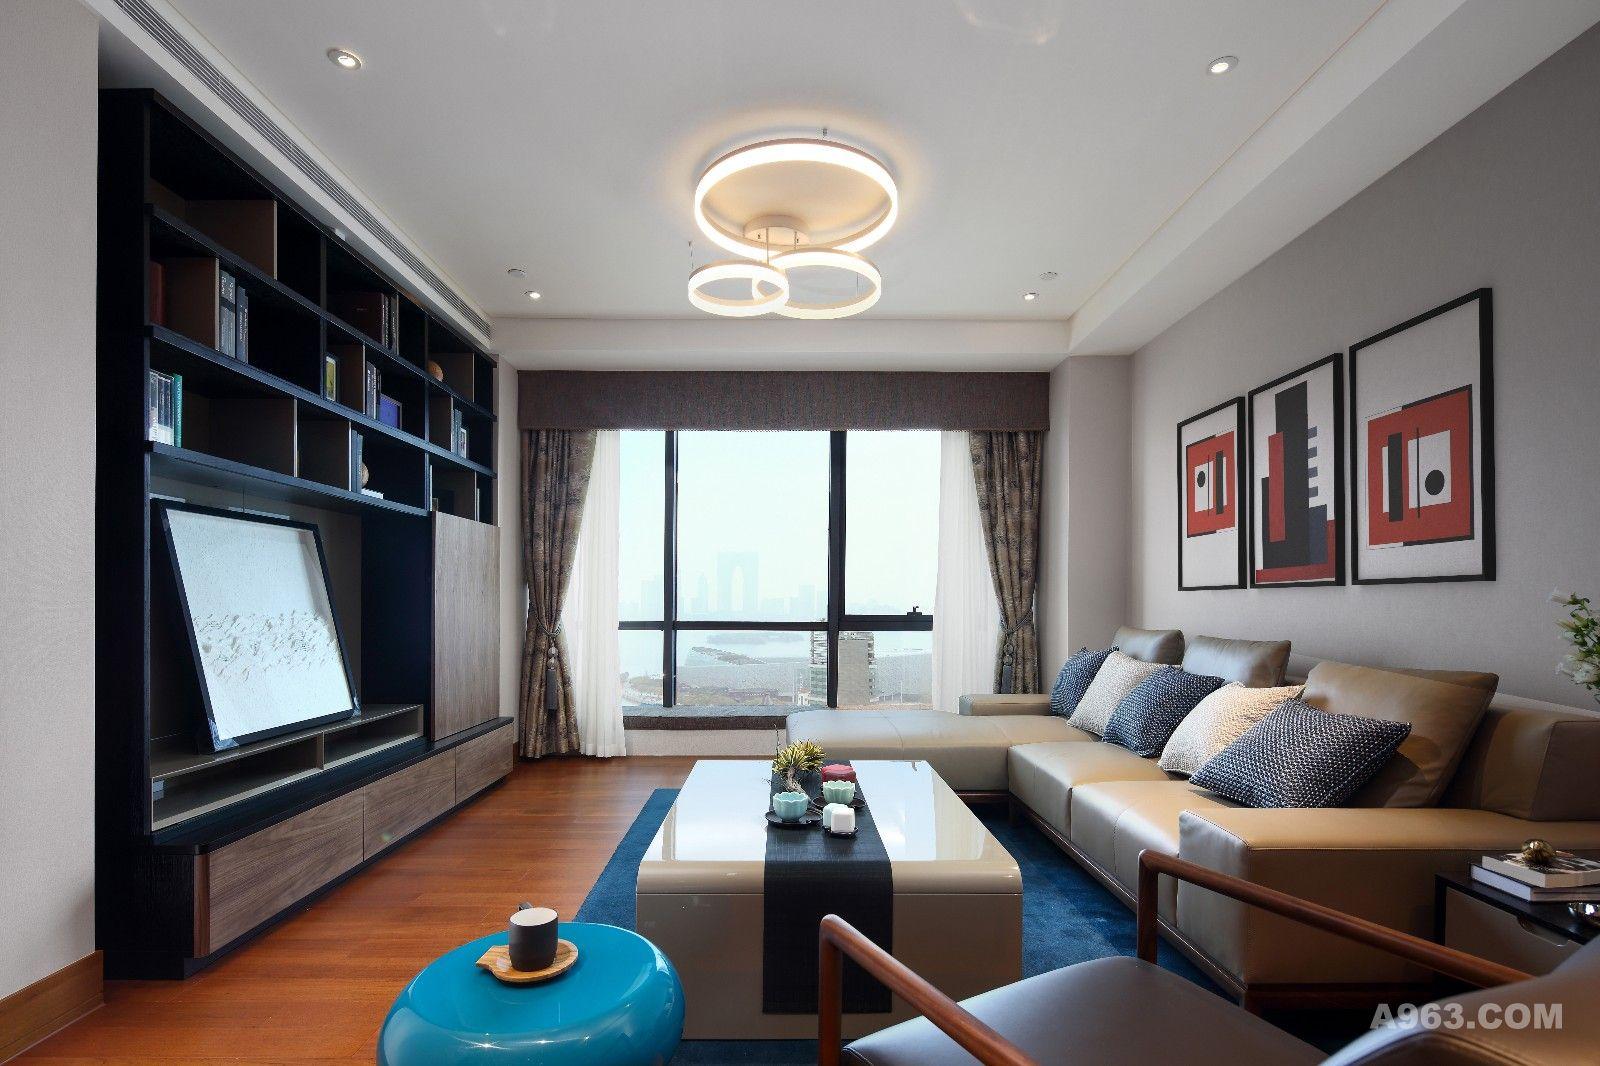 客厅不大,但功能齐全。电视背景墙选择了新主题的组合电视柜,多元化的储物空间,可隐藏电视的功能,倒圆的边缘,烤漆的背板,自然的木质,都带着温情隐去工业的痕迹。增加的纯书柜式的设计,满足了客户藏书的需求,让客厅也书香四溢。